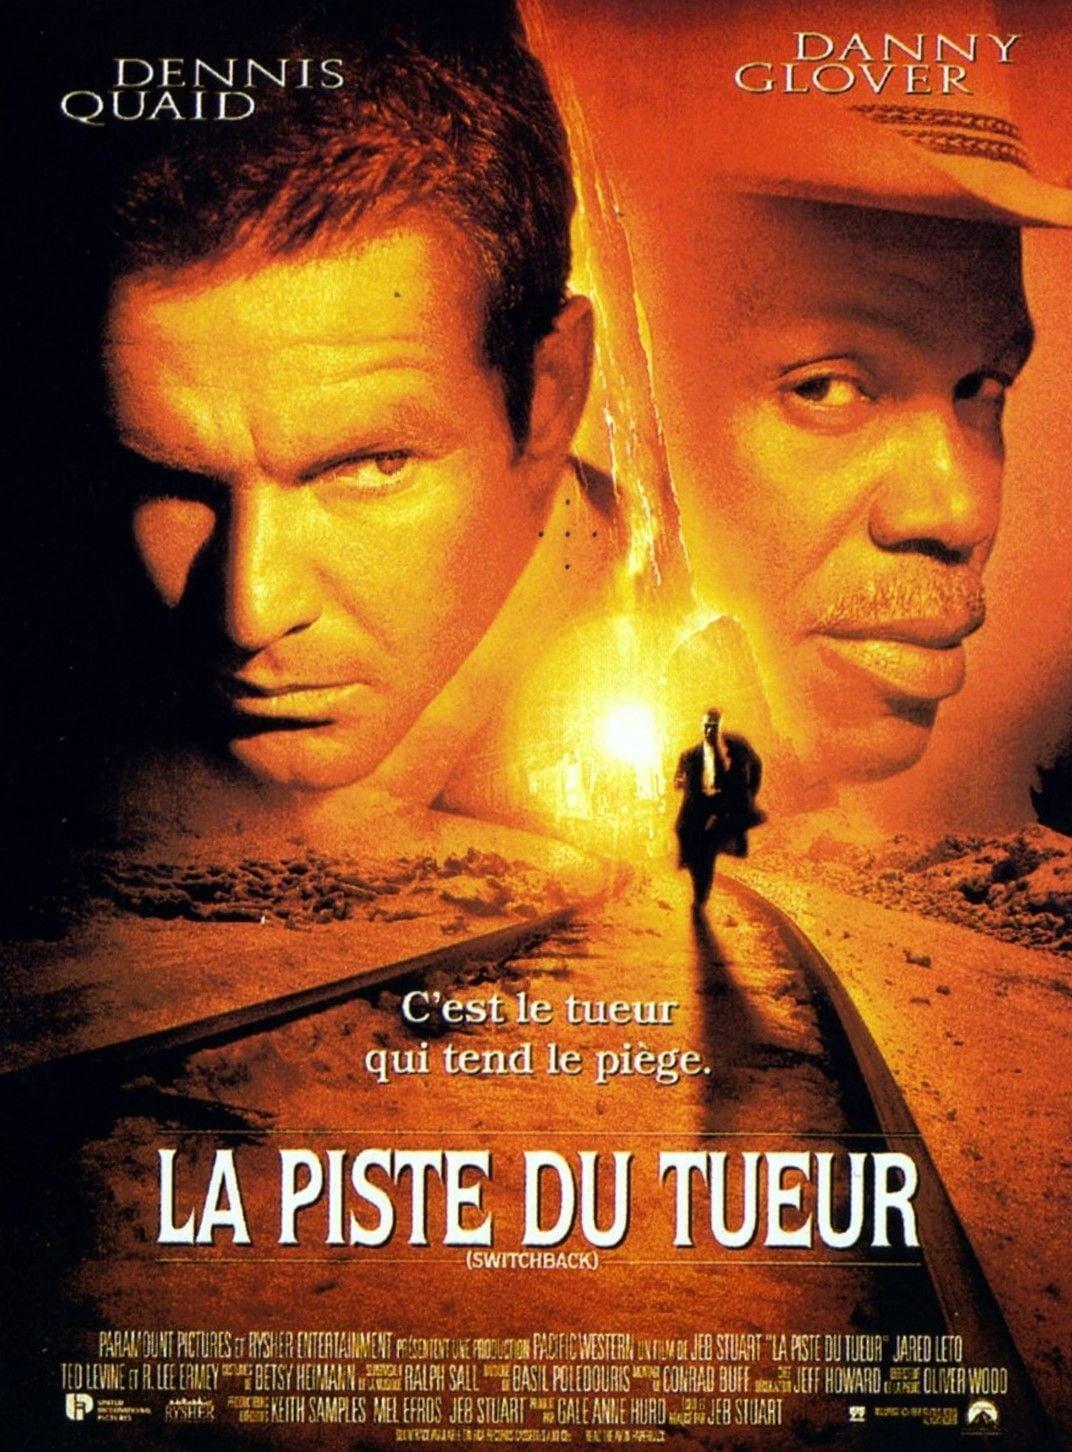 affiche du film La Piste du tueur